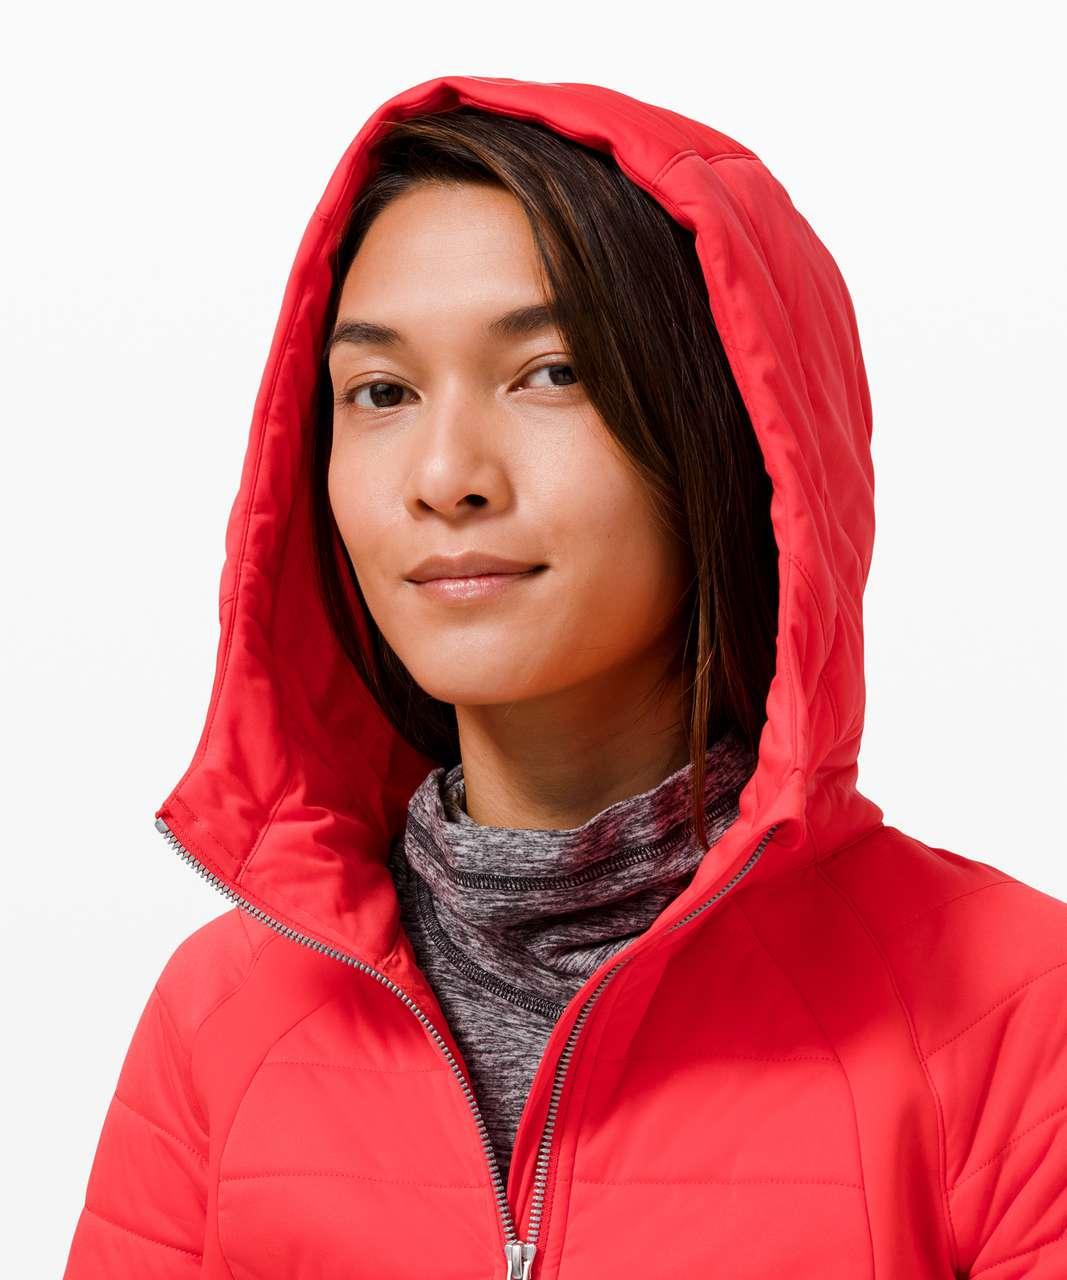 Lululemon Dynamic Movement Zip Hoodie - Love Red